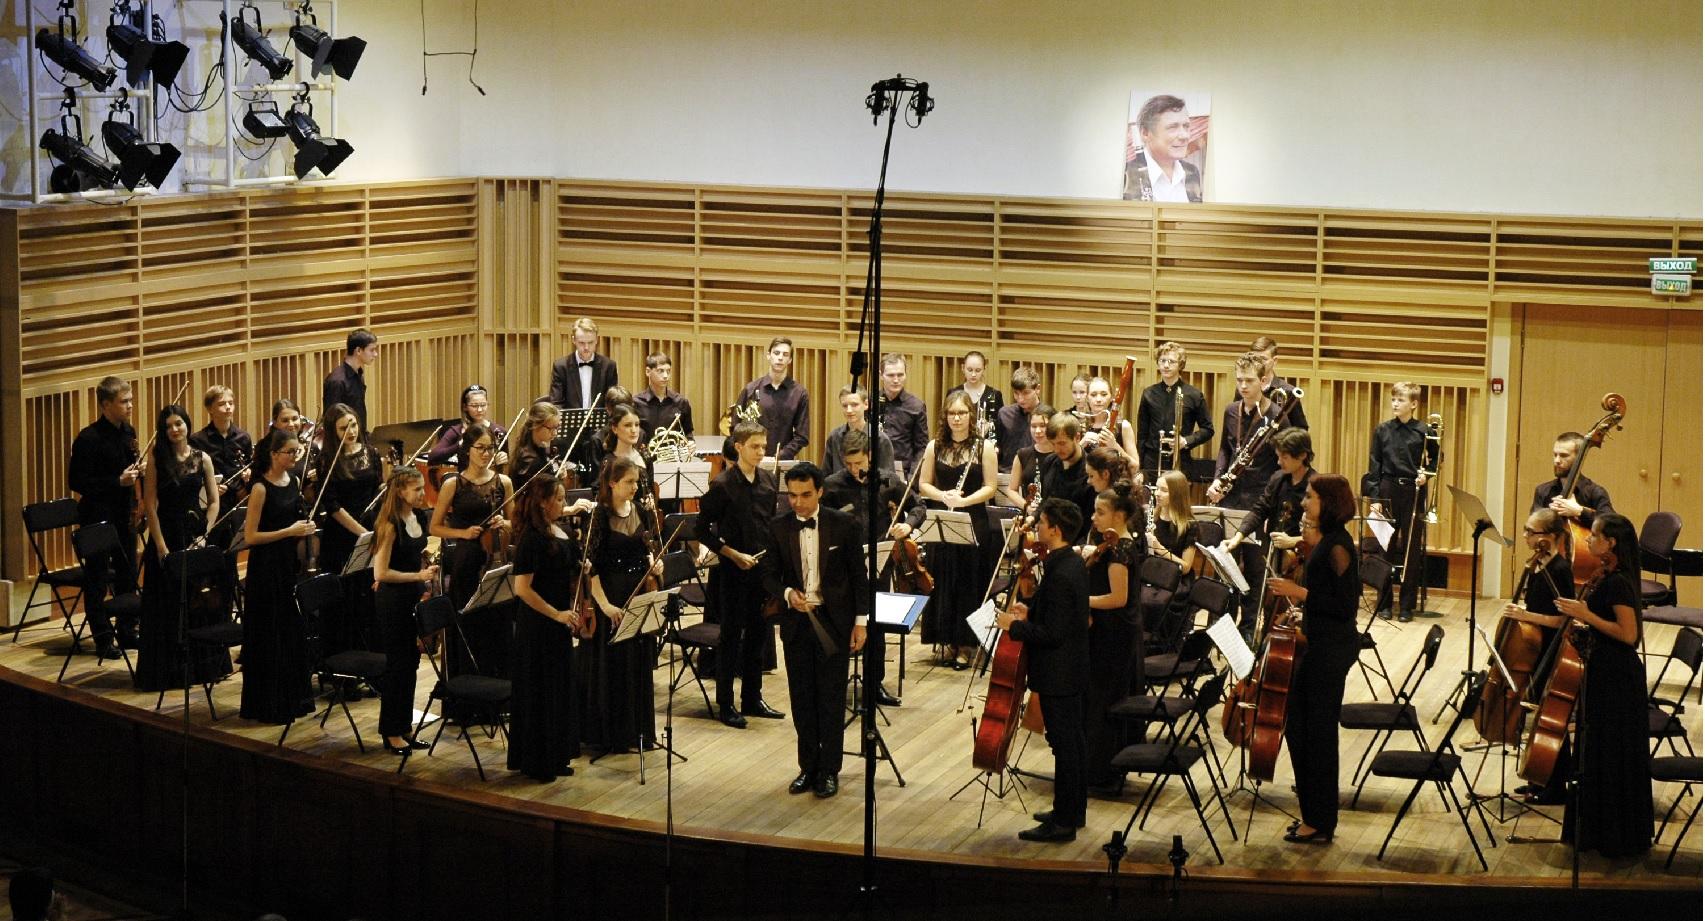 Новосибирский юношеский симфонический оркестр. Дирижер Эльдар Нагиев смотреть фото